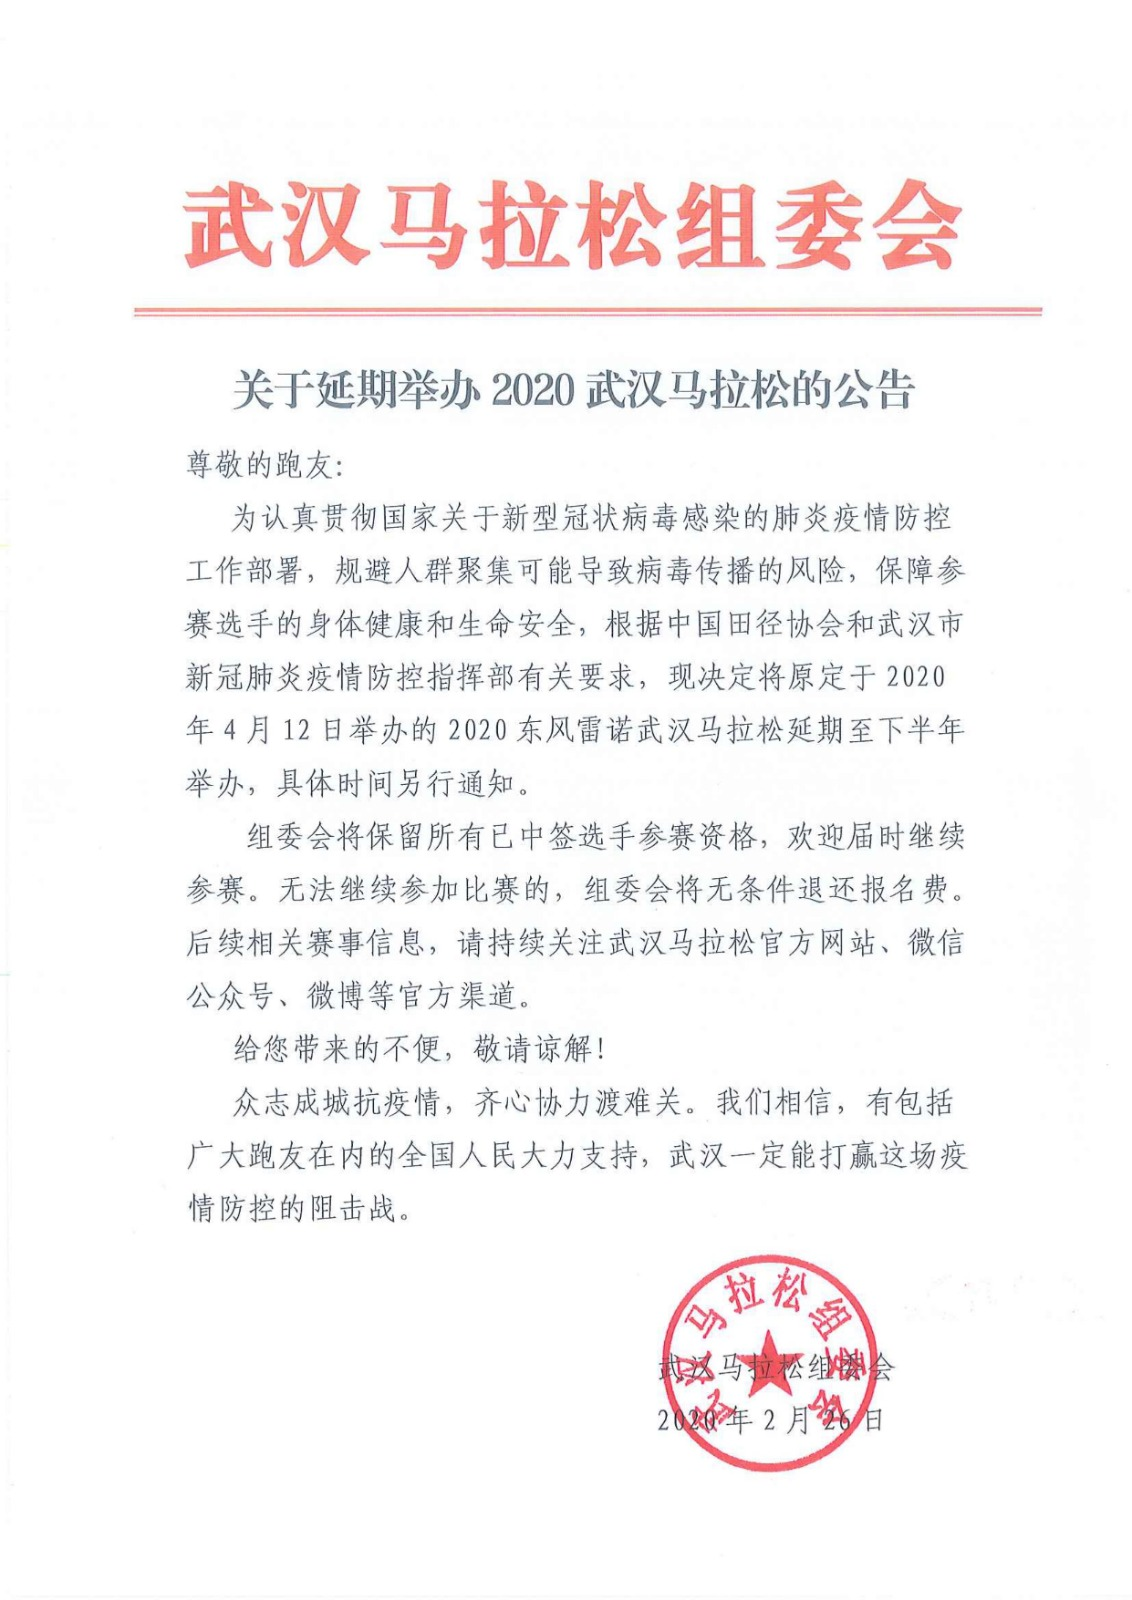 香港暴徒发声企图博取同情台网友:罪有应得